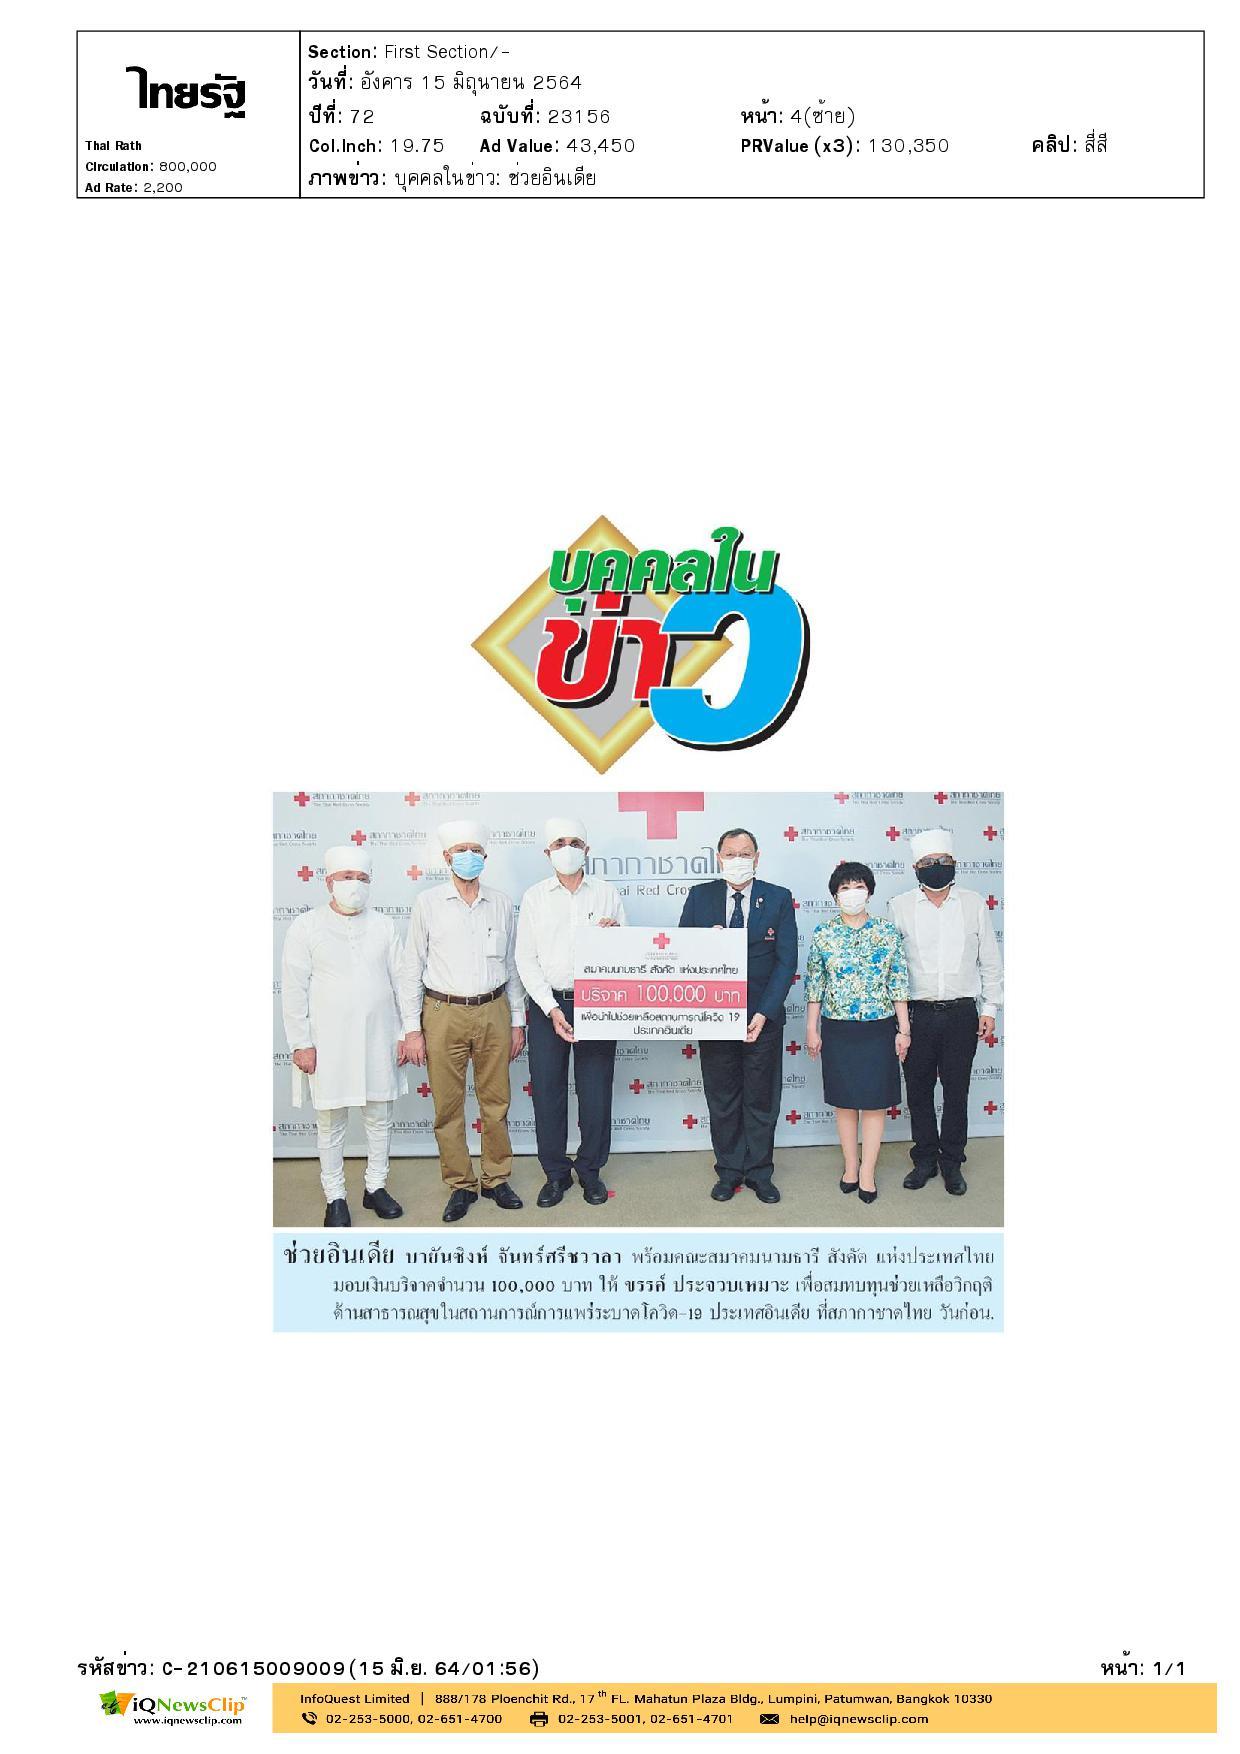 นายขรรค์ ประจวบเหมาะ รับมอบเงิน จาก สมาคมนามธารี สังคัต แห่งประเทศไทย